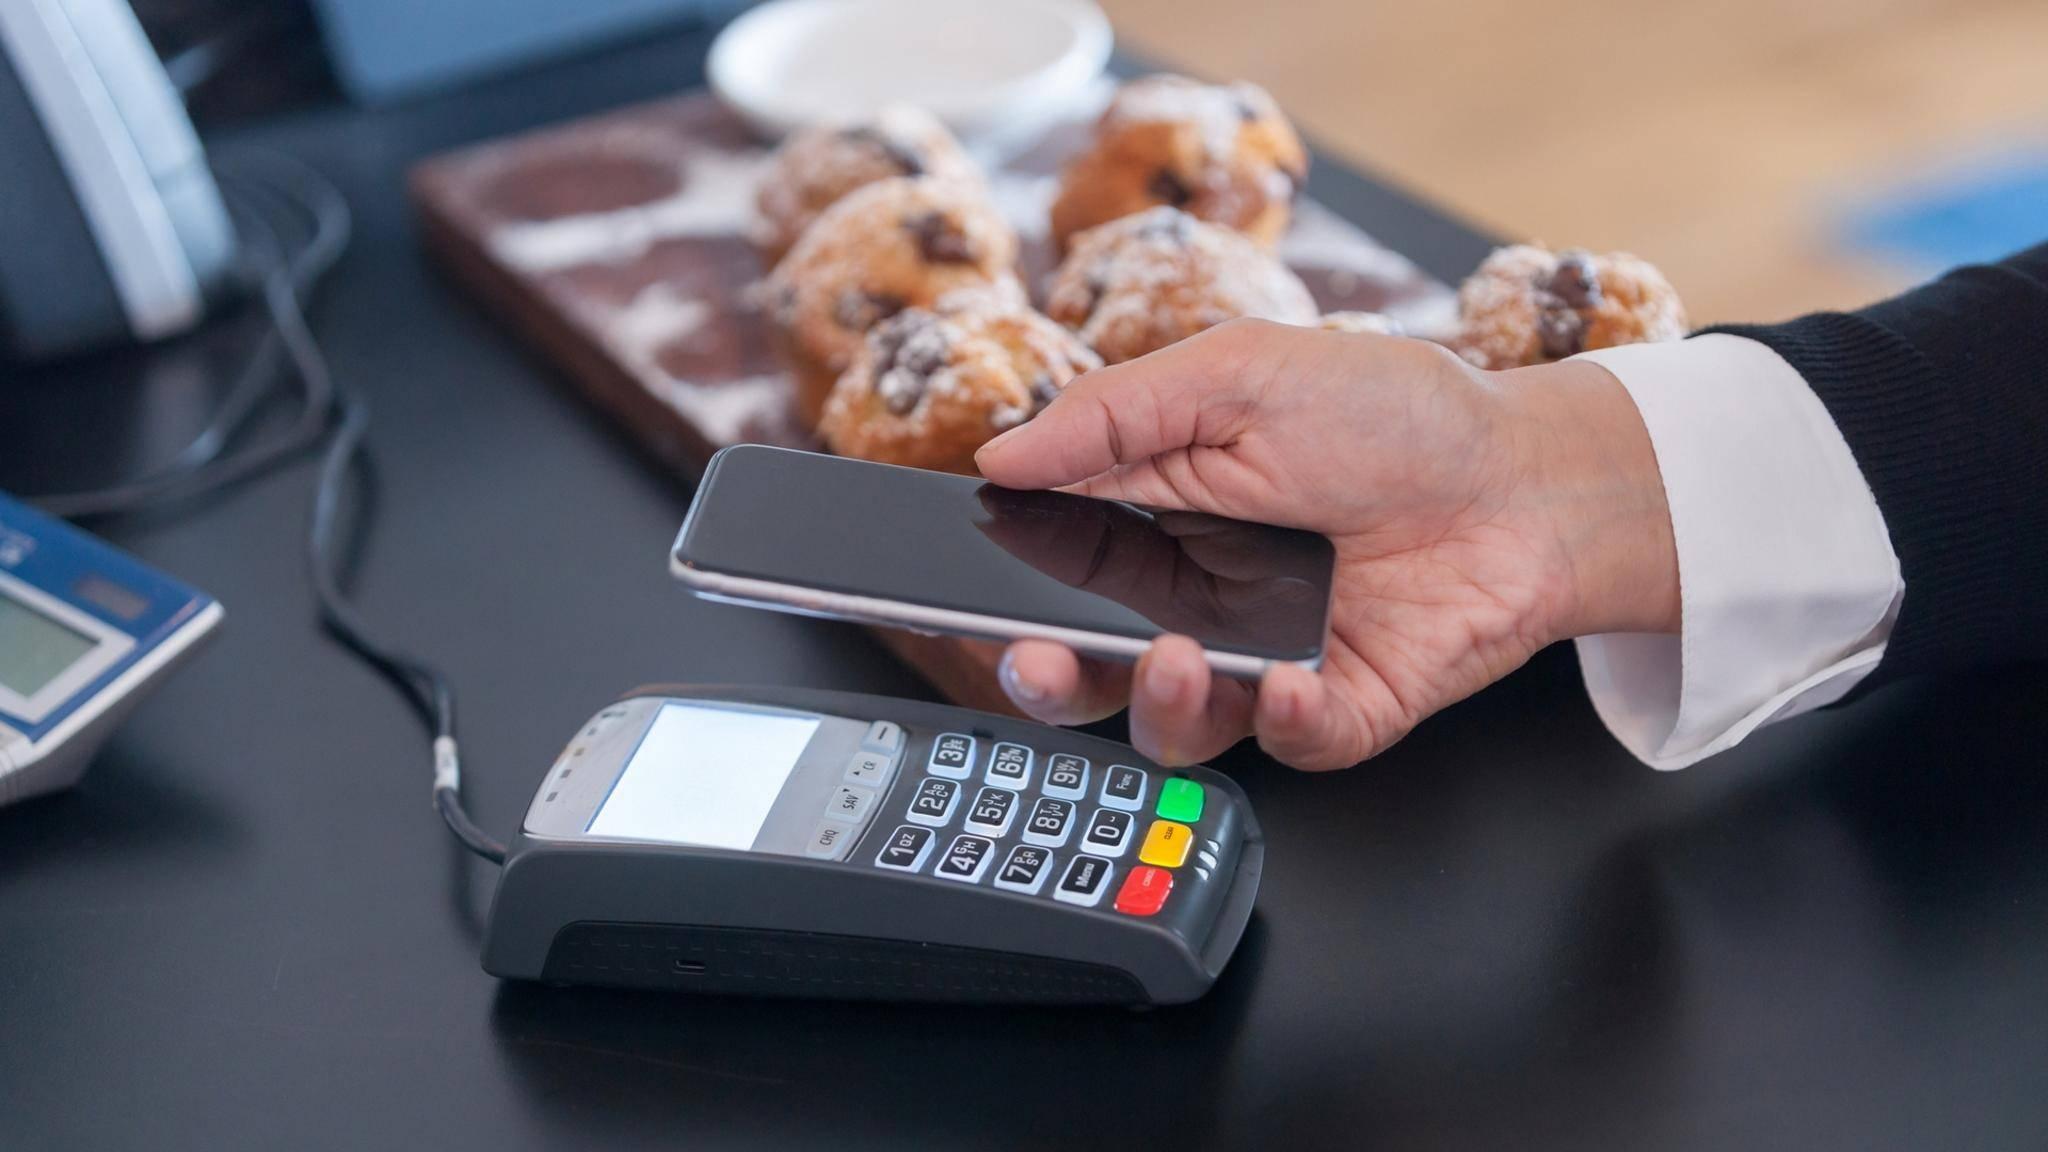 iPhone dicht an das Terminal halten und mit Touch ID die Zahlung bestätigen – so funktioniert Apple Pay in Geschäften.